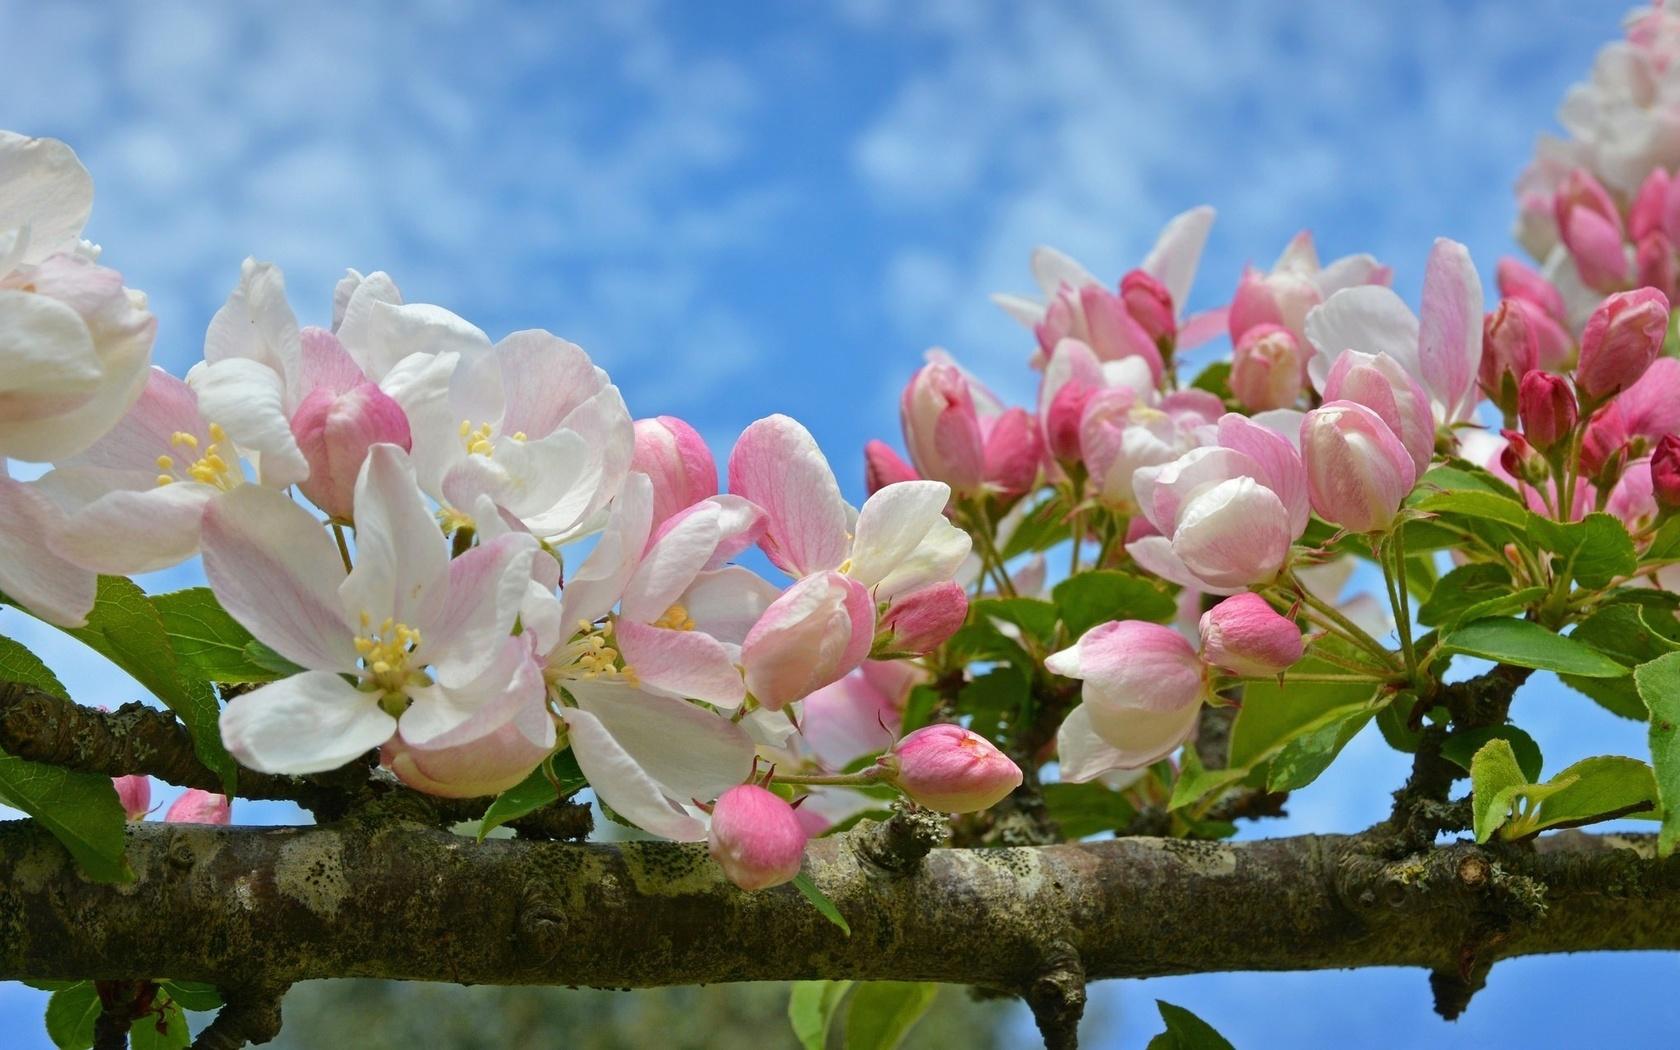 Смешными овечками, картинки цветы яблони большое разрешение